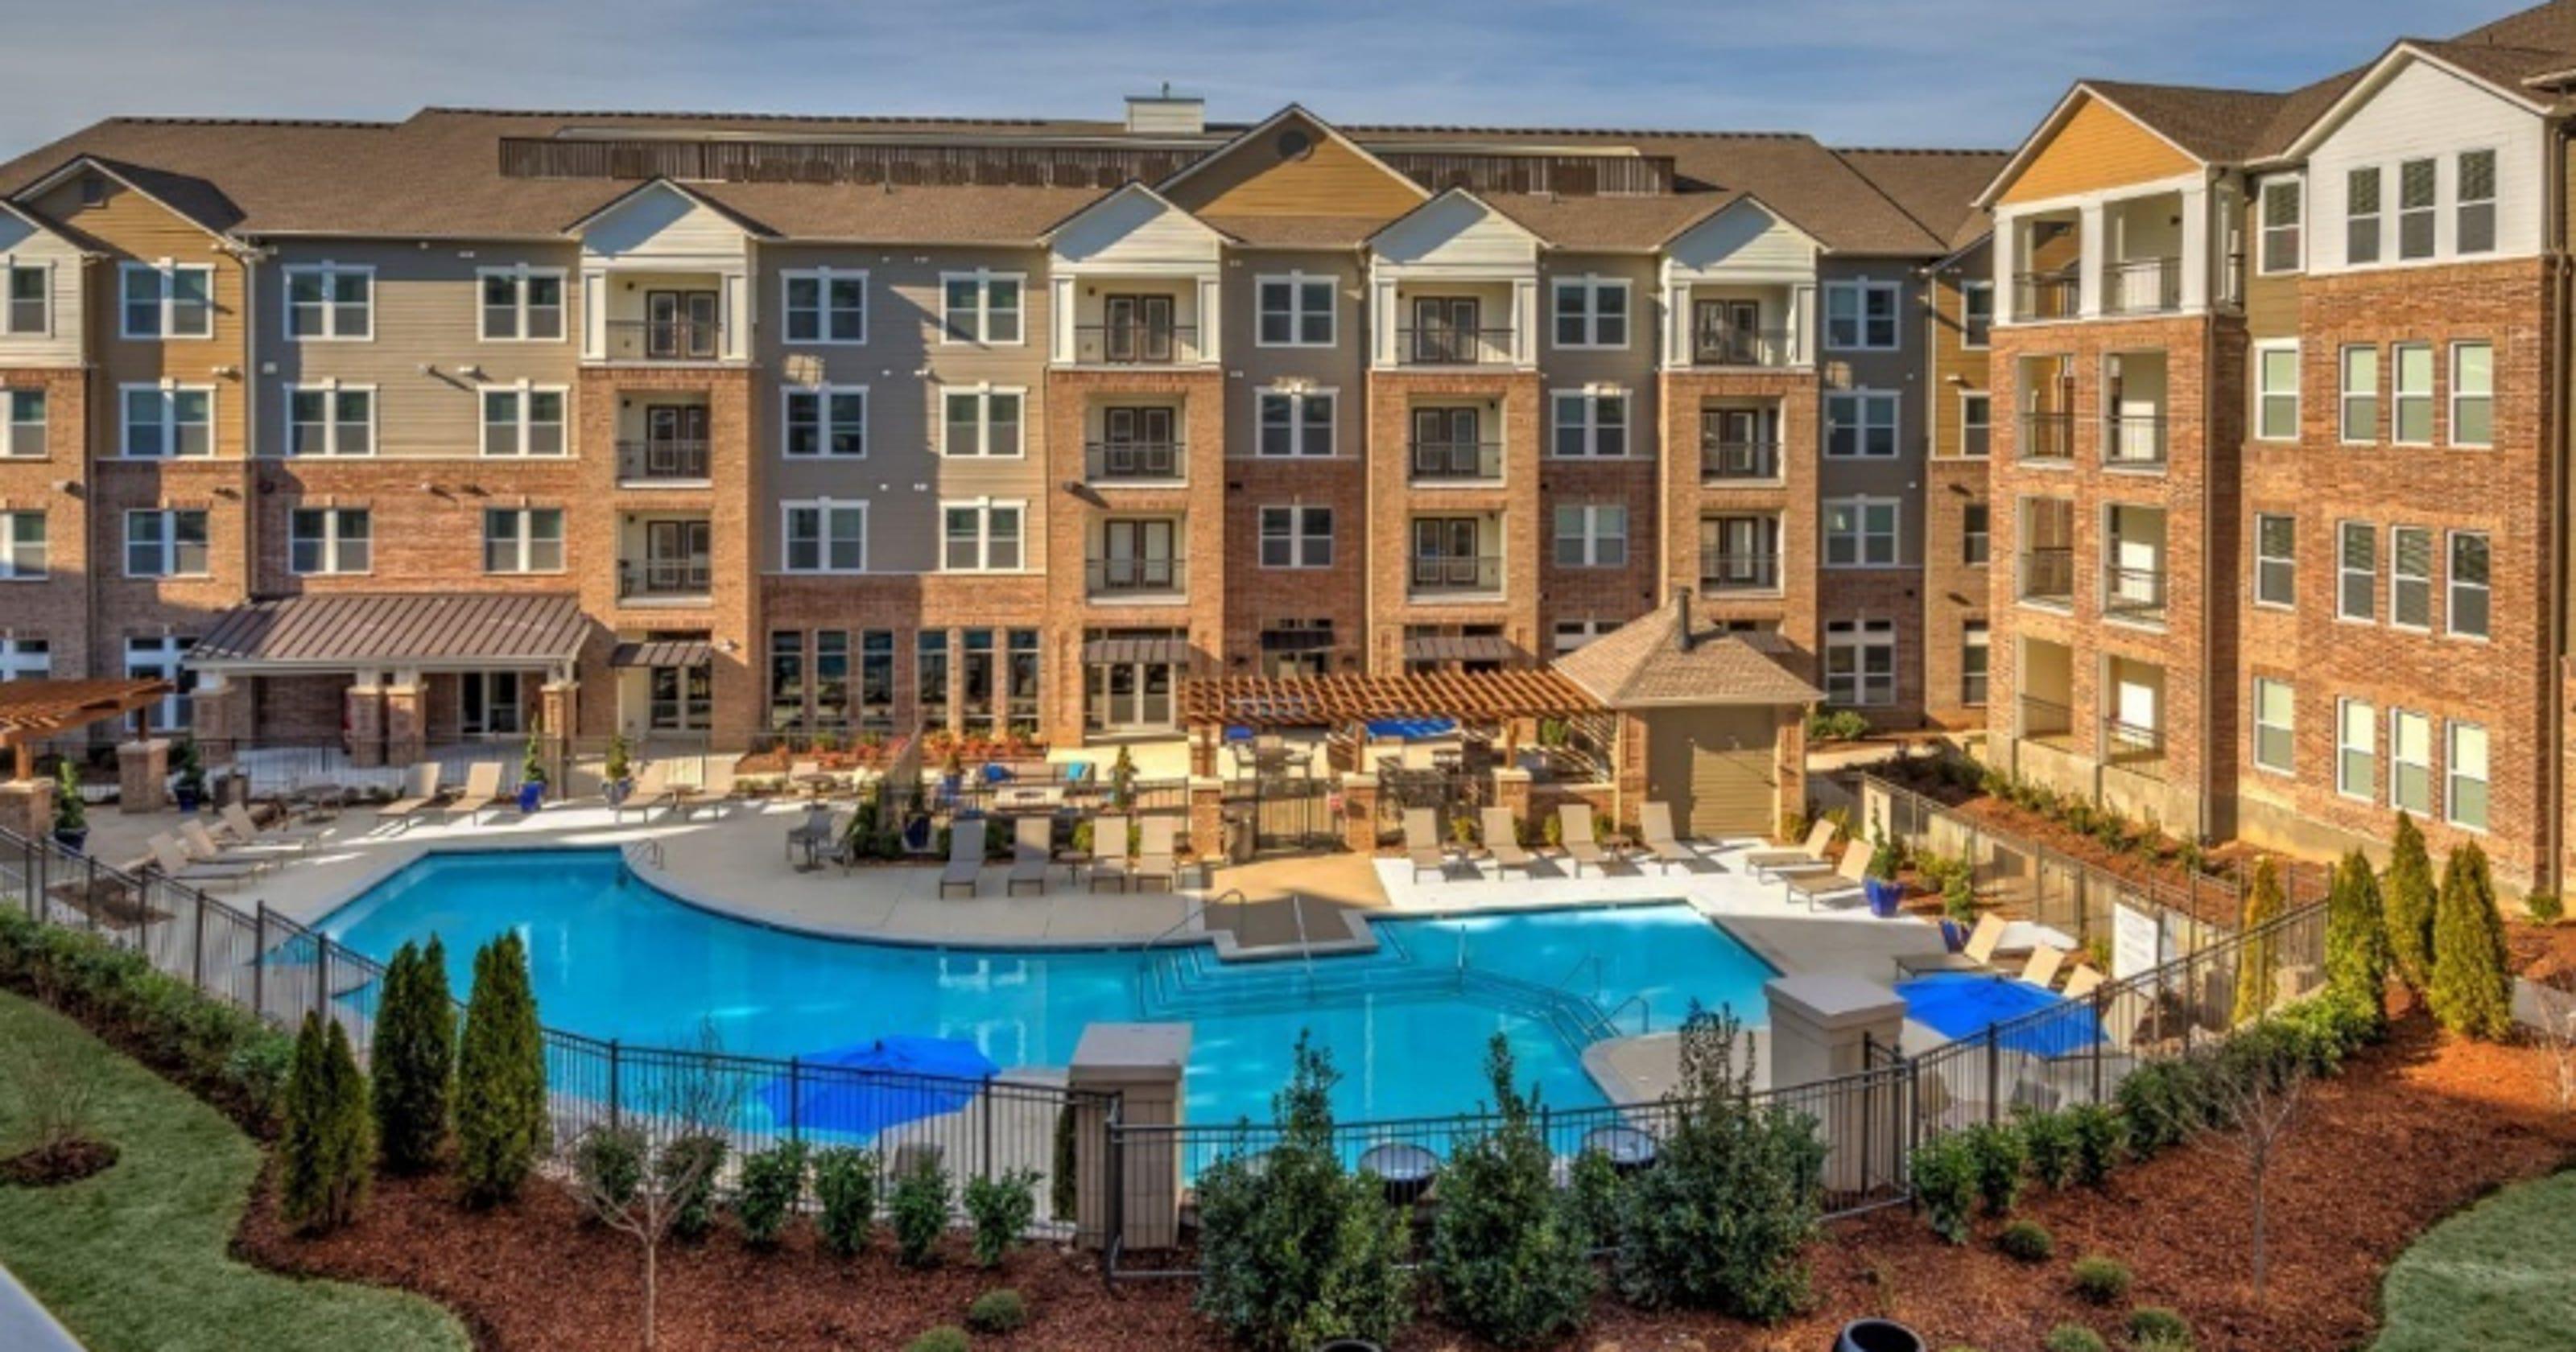 Nashville\'s top commercial real estate deals in 2016